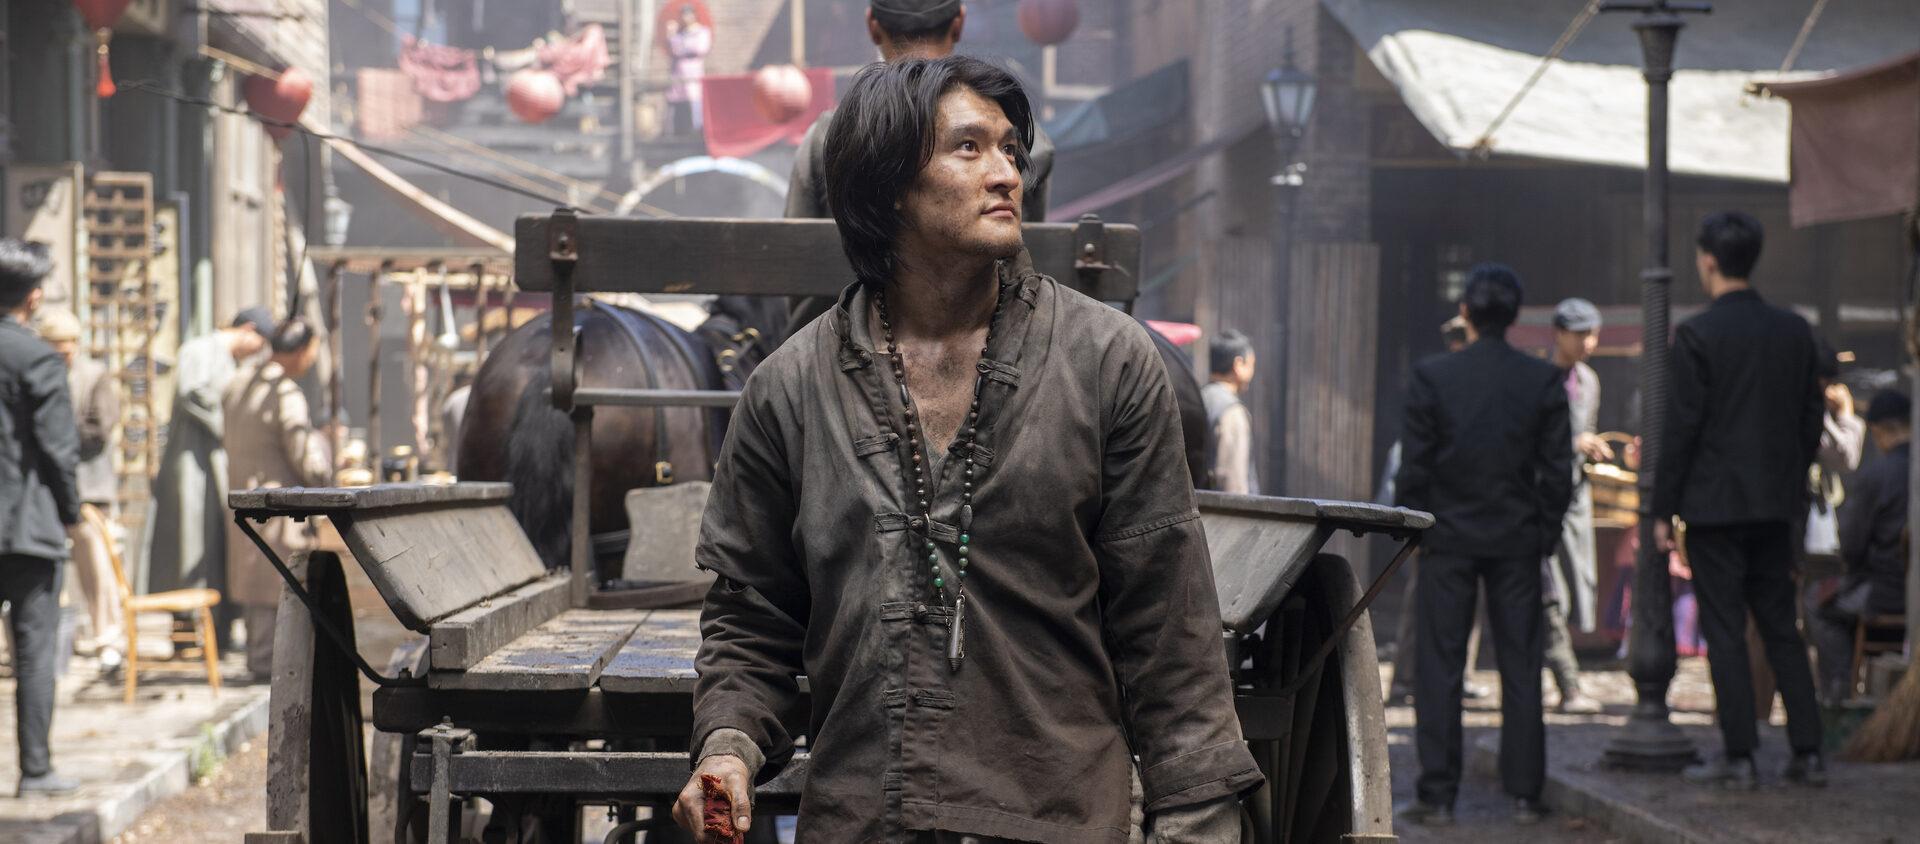 Hong played by Chen Tang